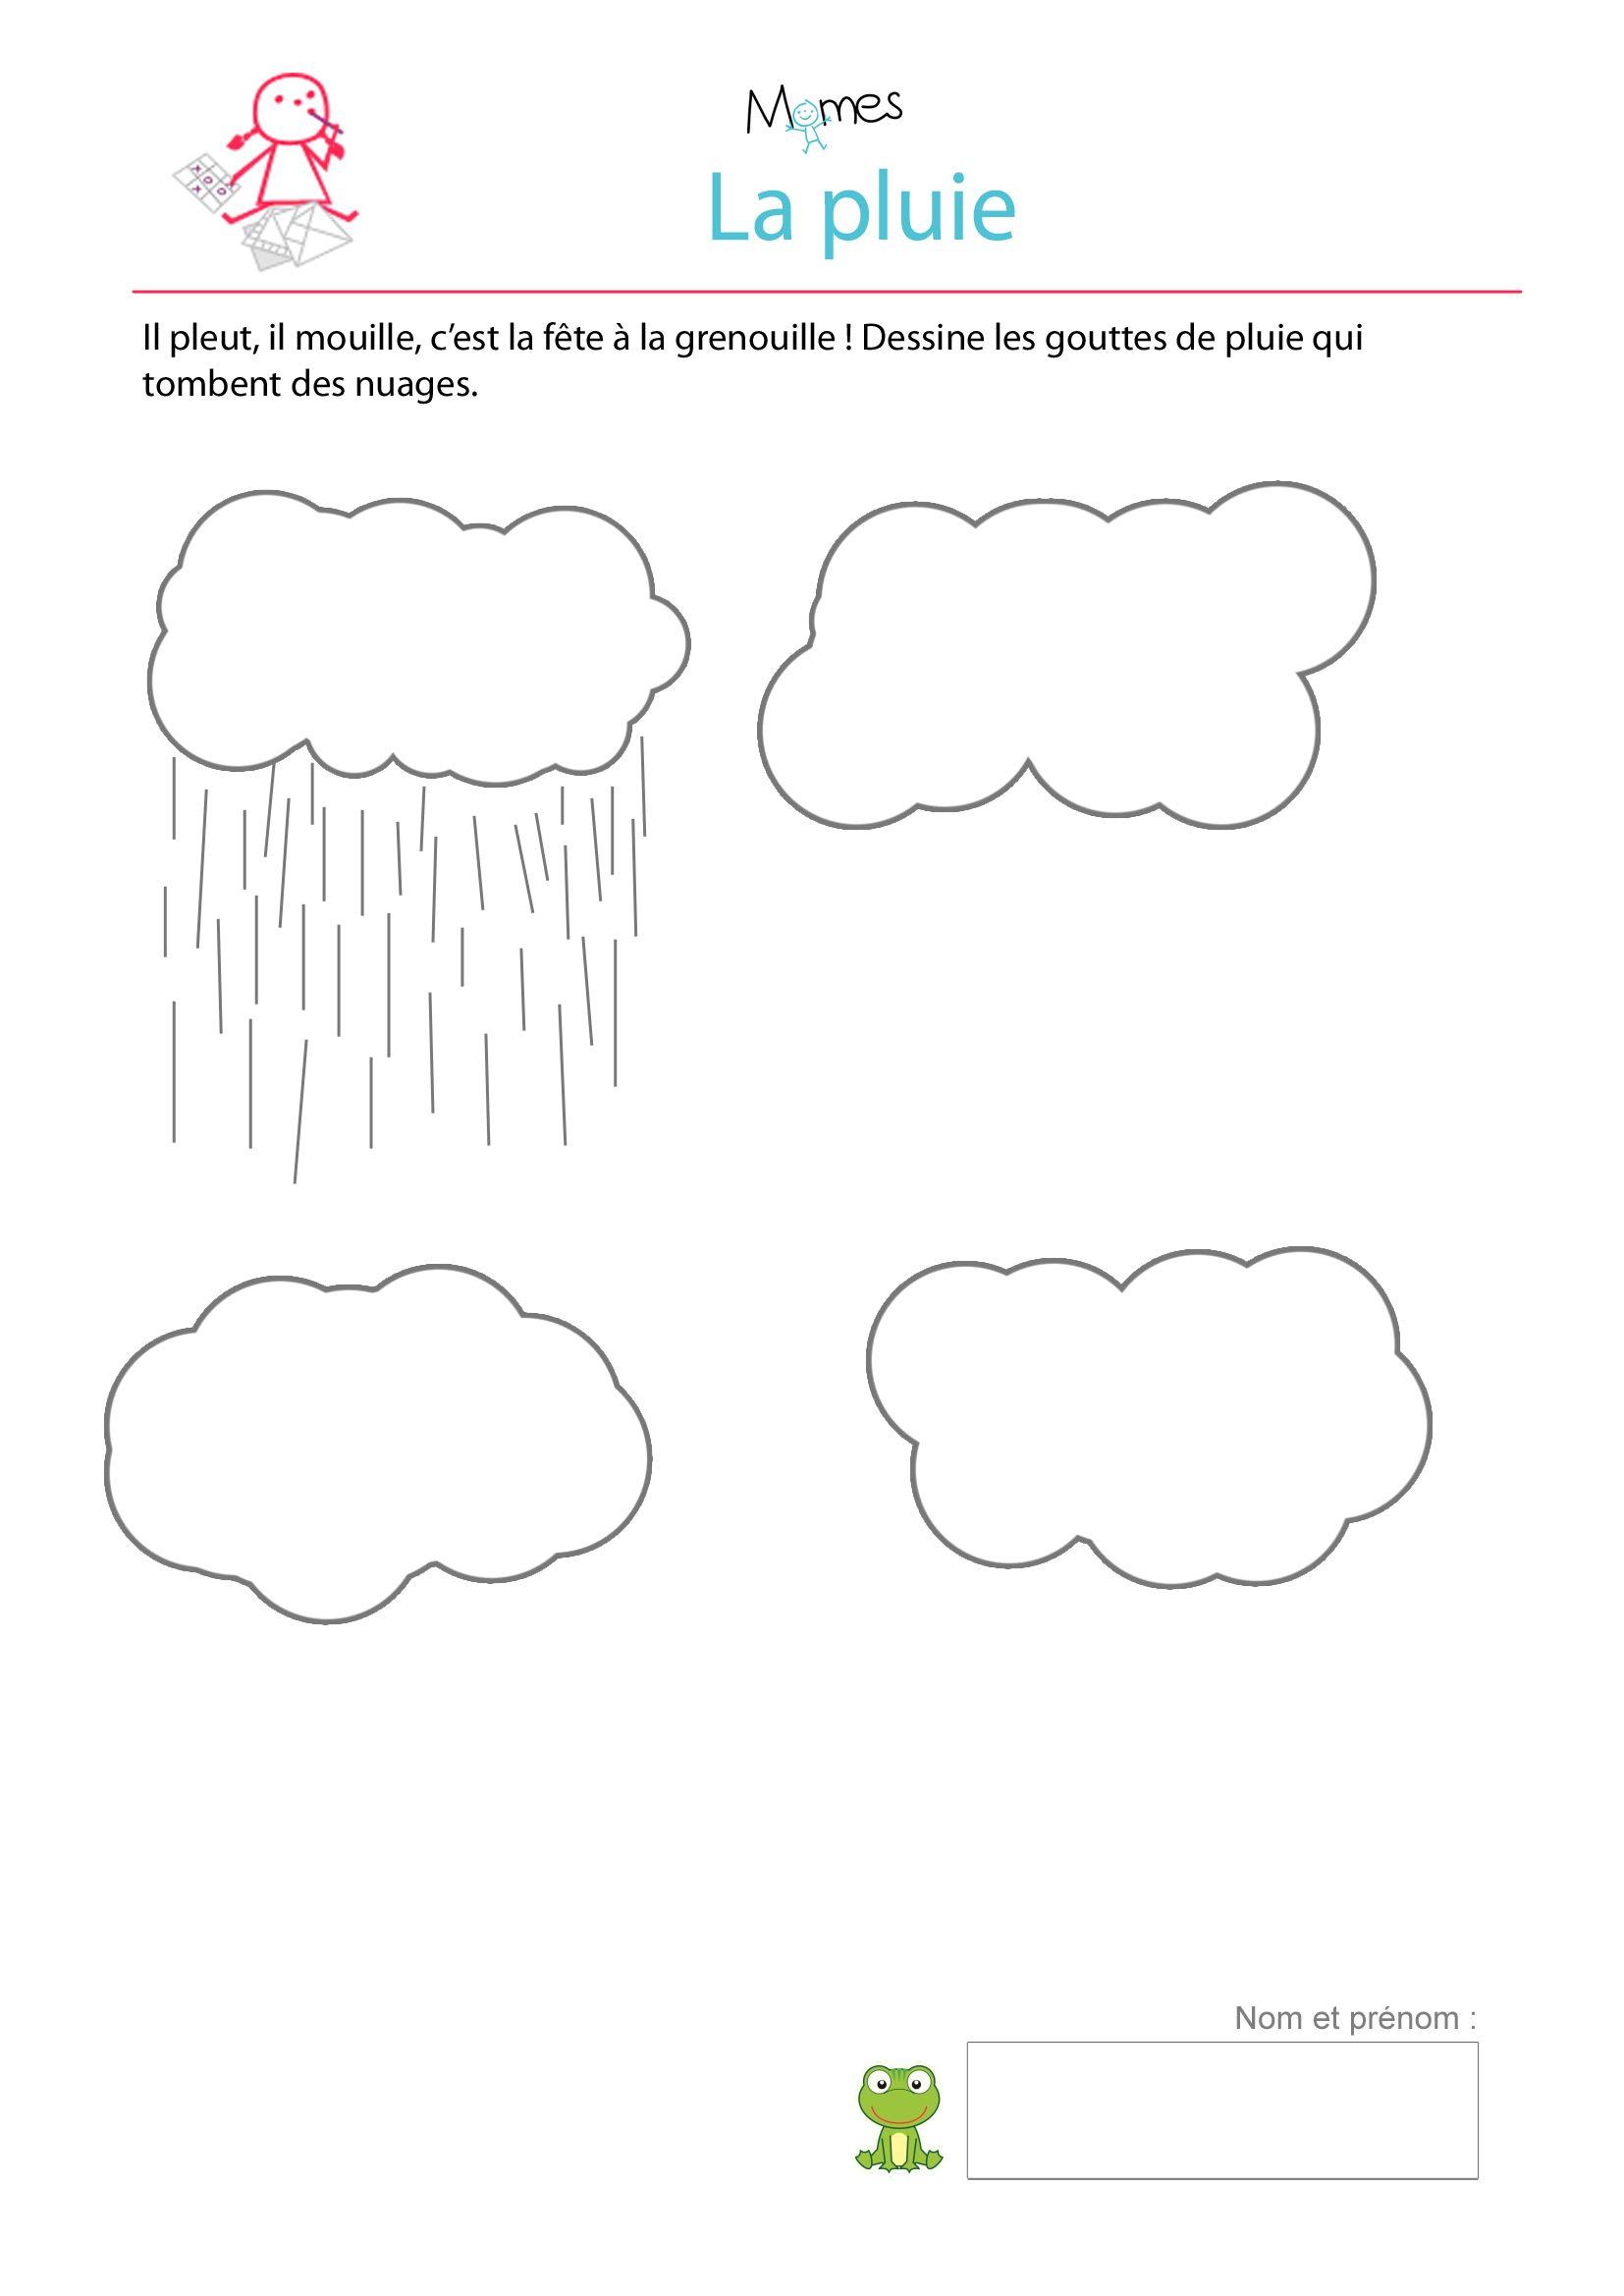 Dessine La Pluie - Exercice À Imprimer | Exercice Petite tout Cahier De Vacances Moyenne Section A Imprimer